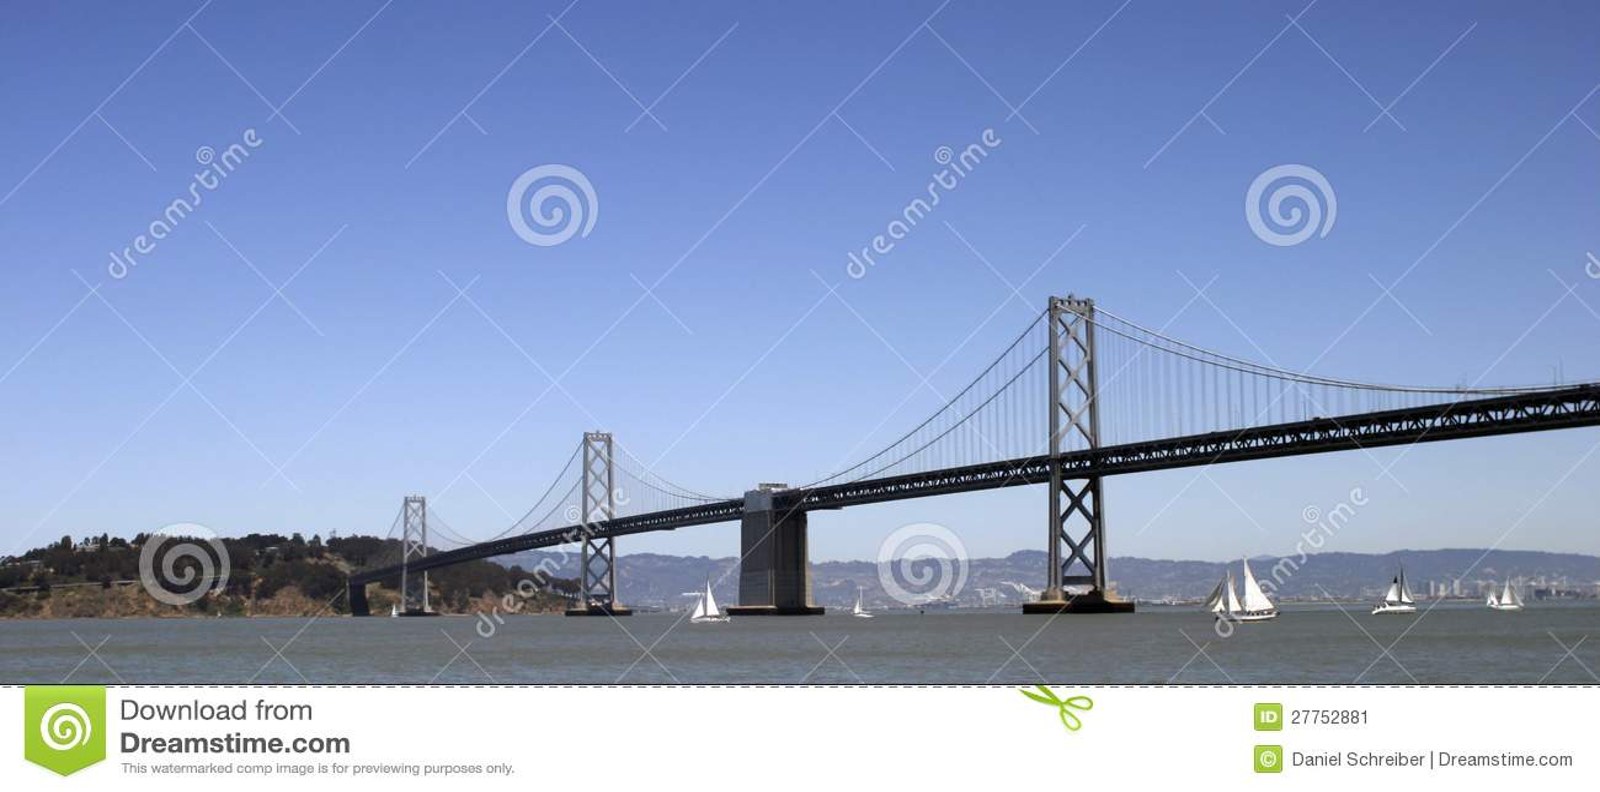 Passerelle de baie connectant Oakland et San Francisco